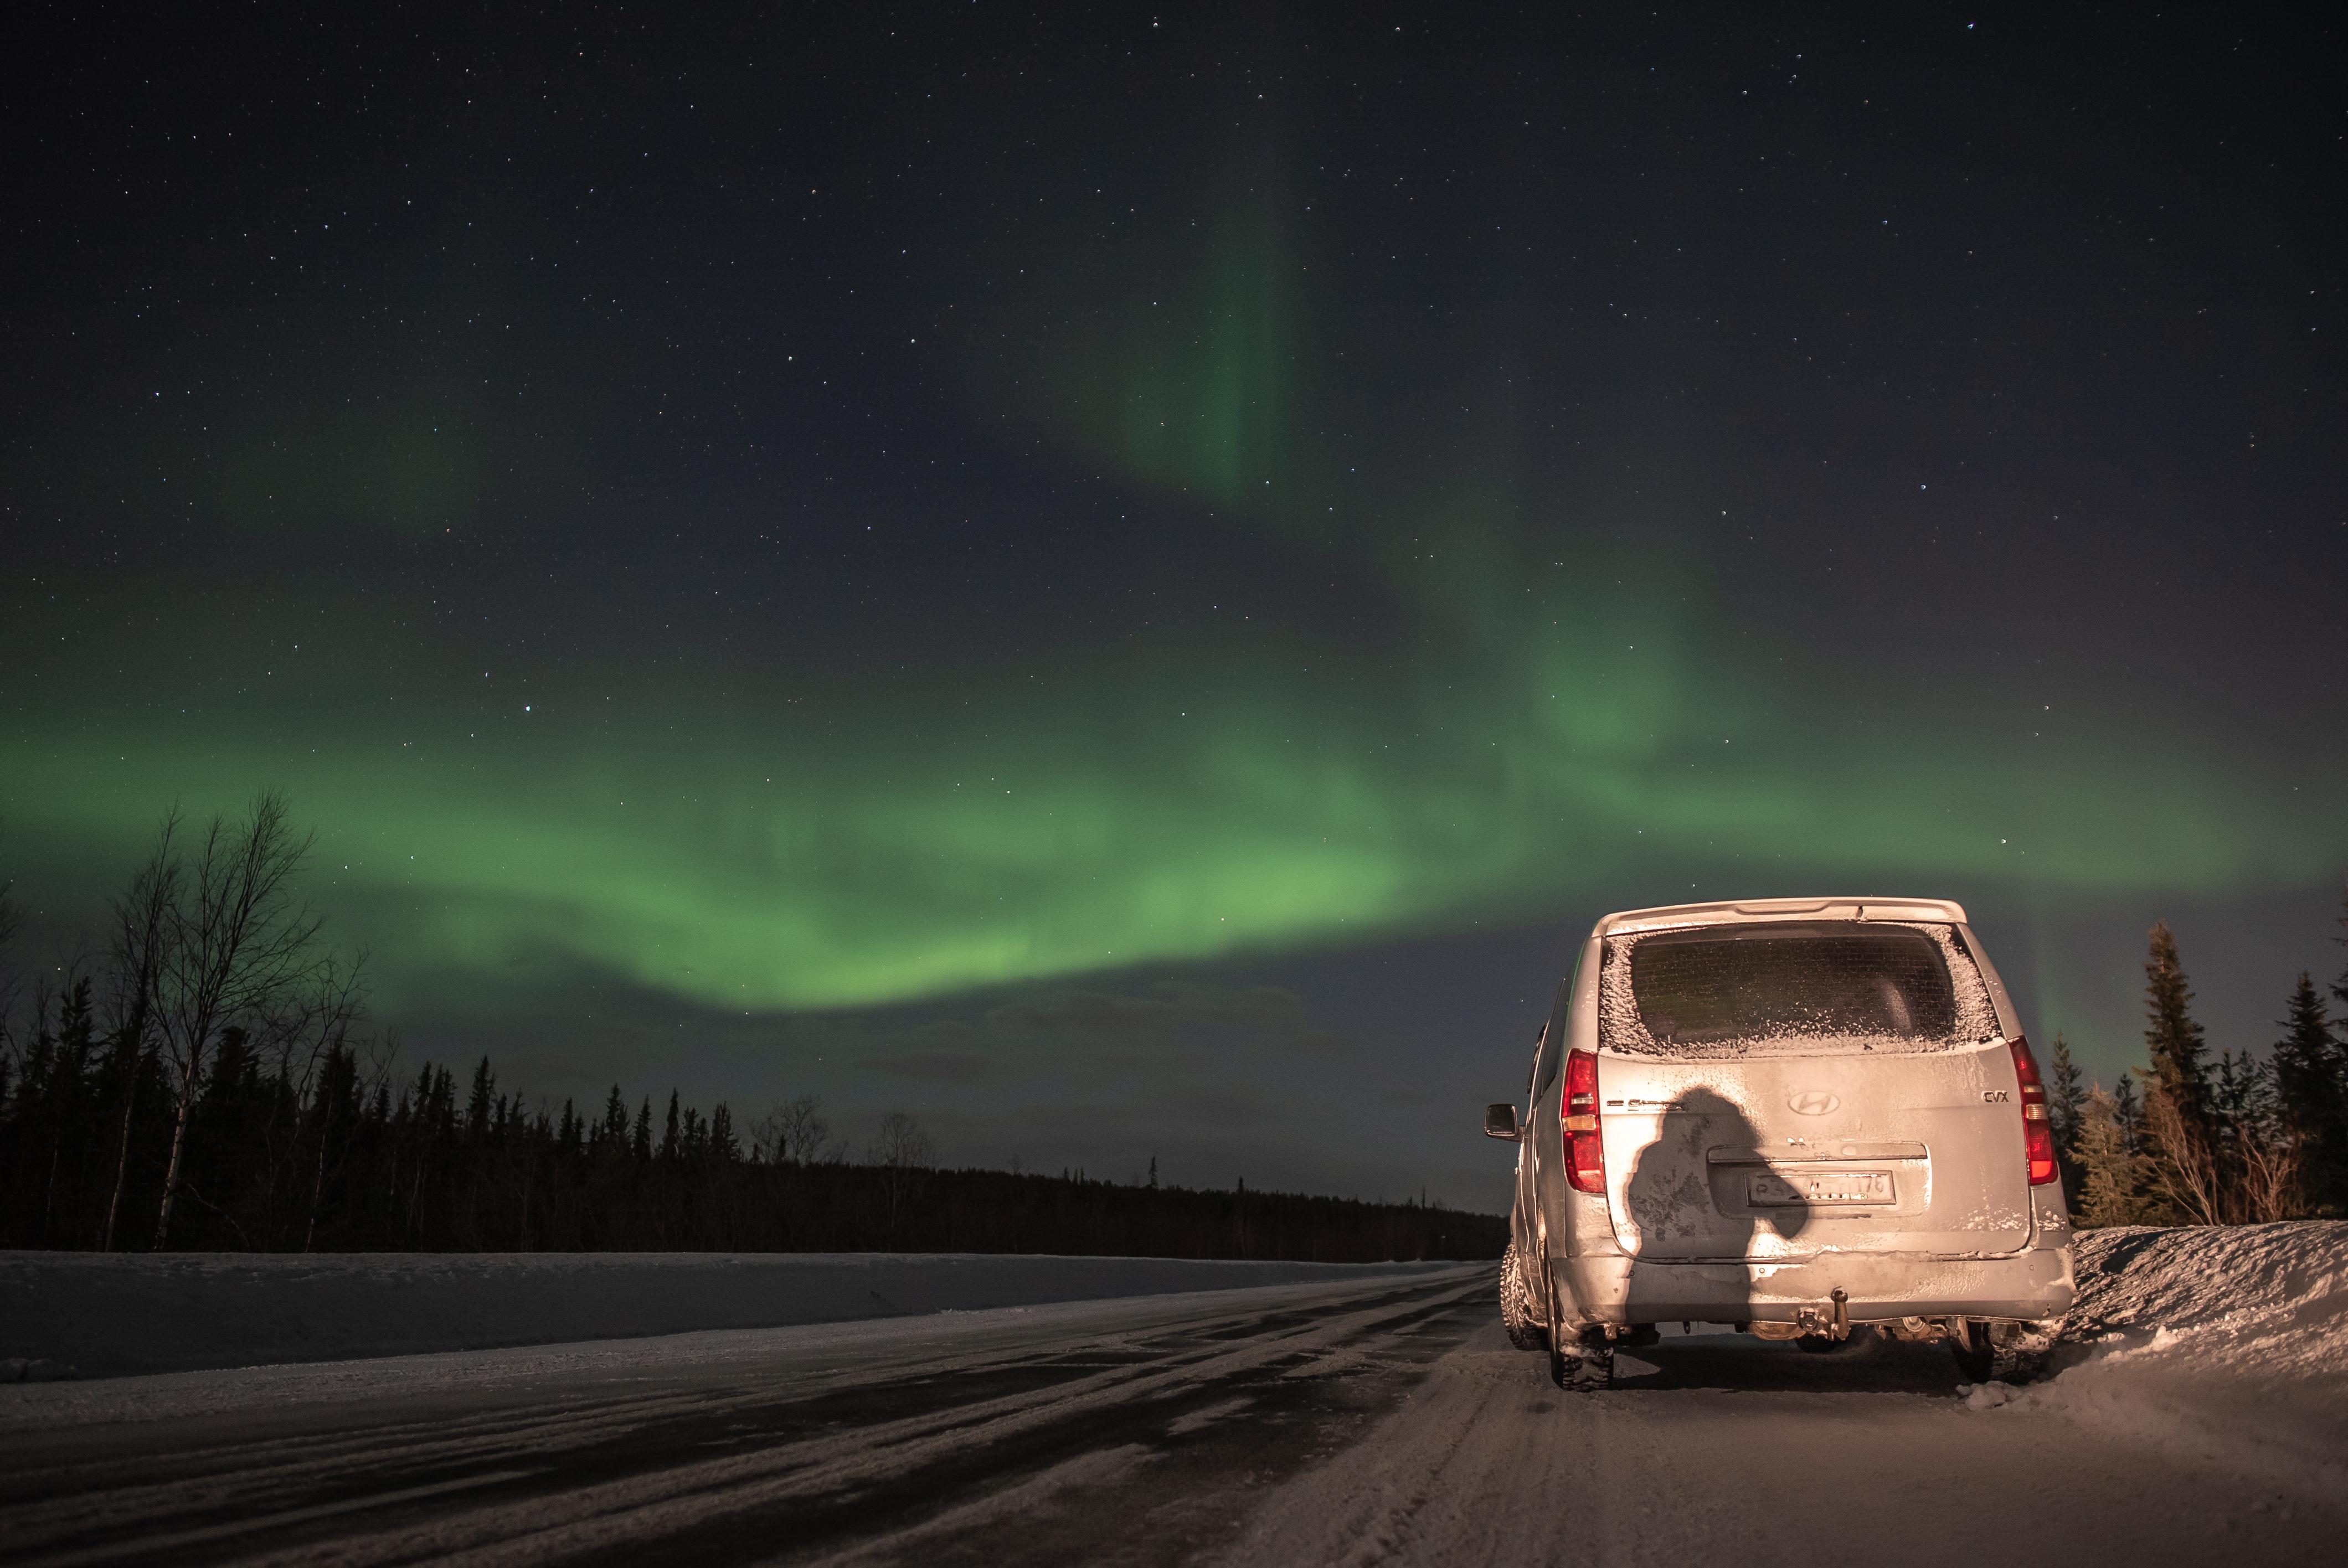 Найди на фото охотника за северным сиянием. Фото — Кирилл Шубин